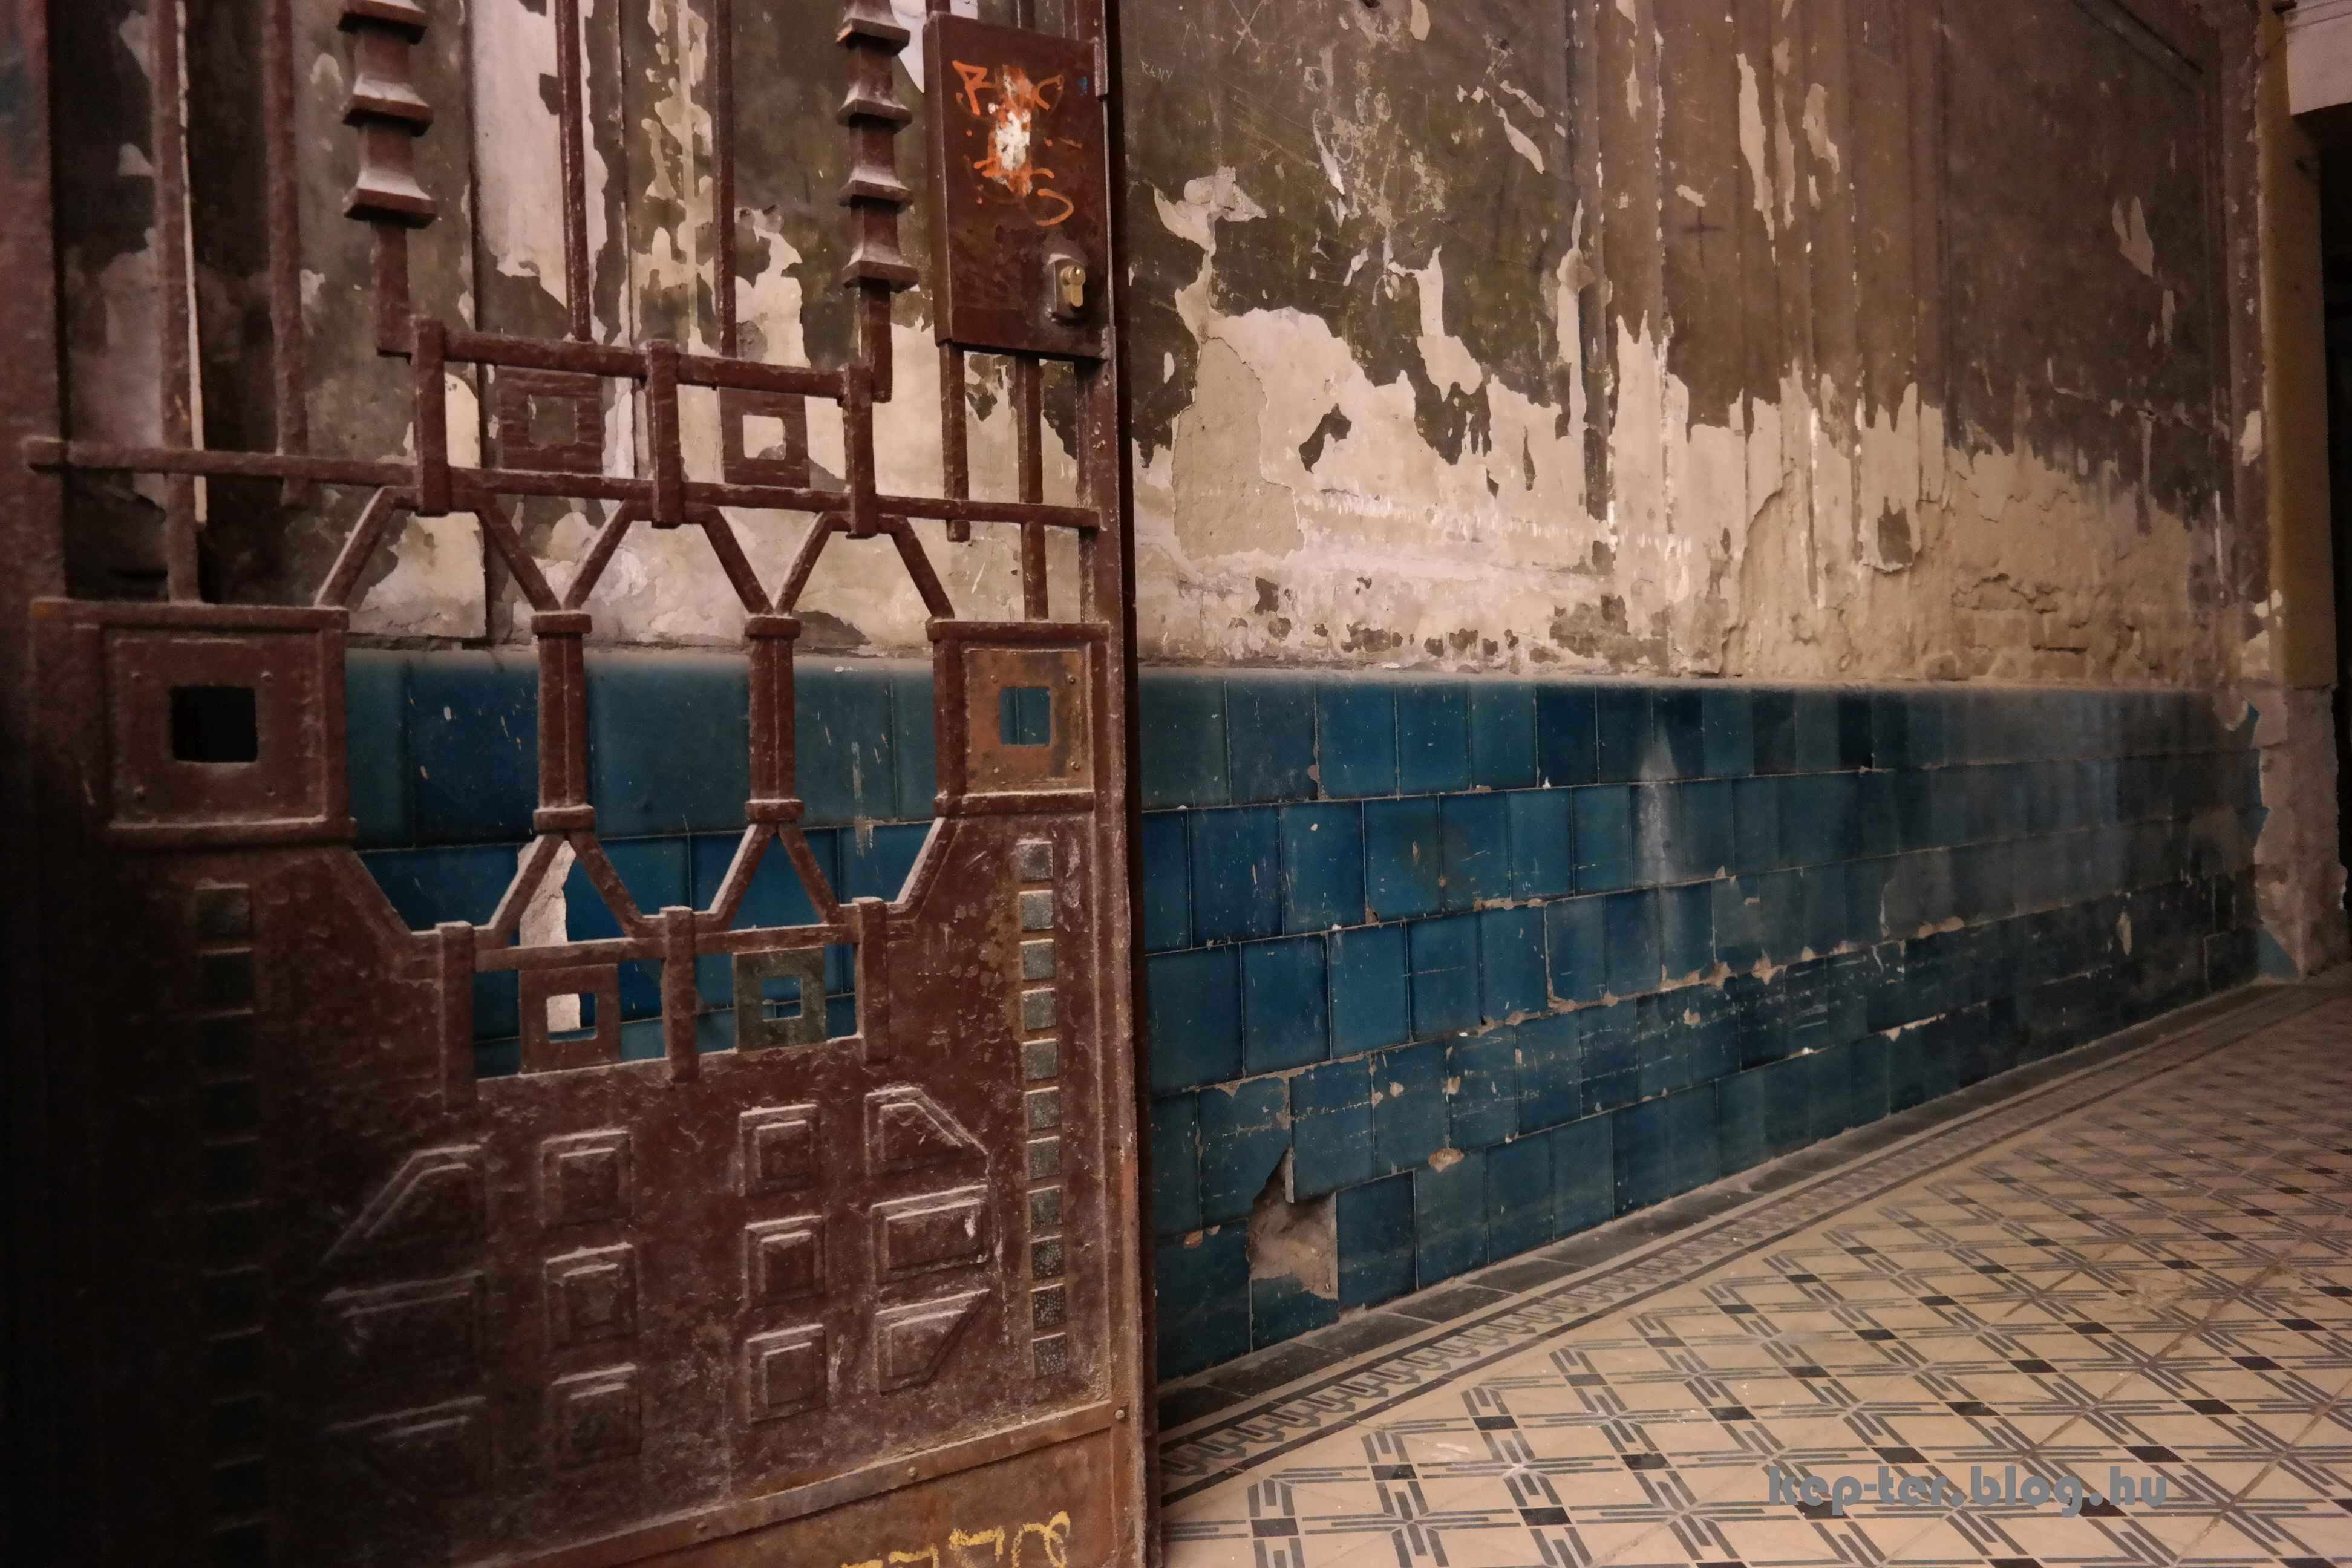 A régi kapu és a vesztibül a kék színű csempékkel.